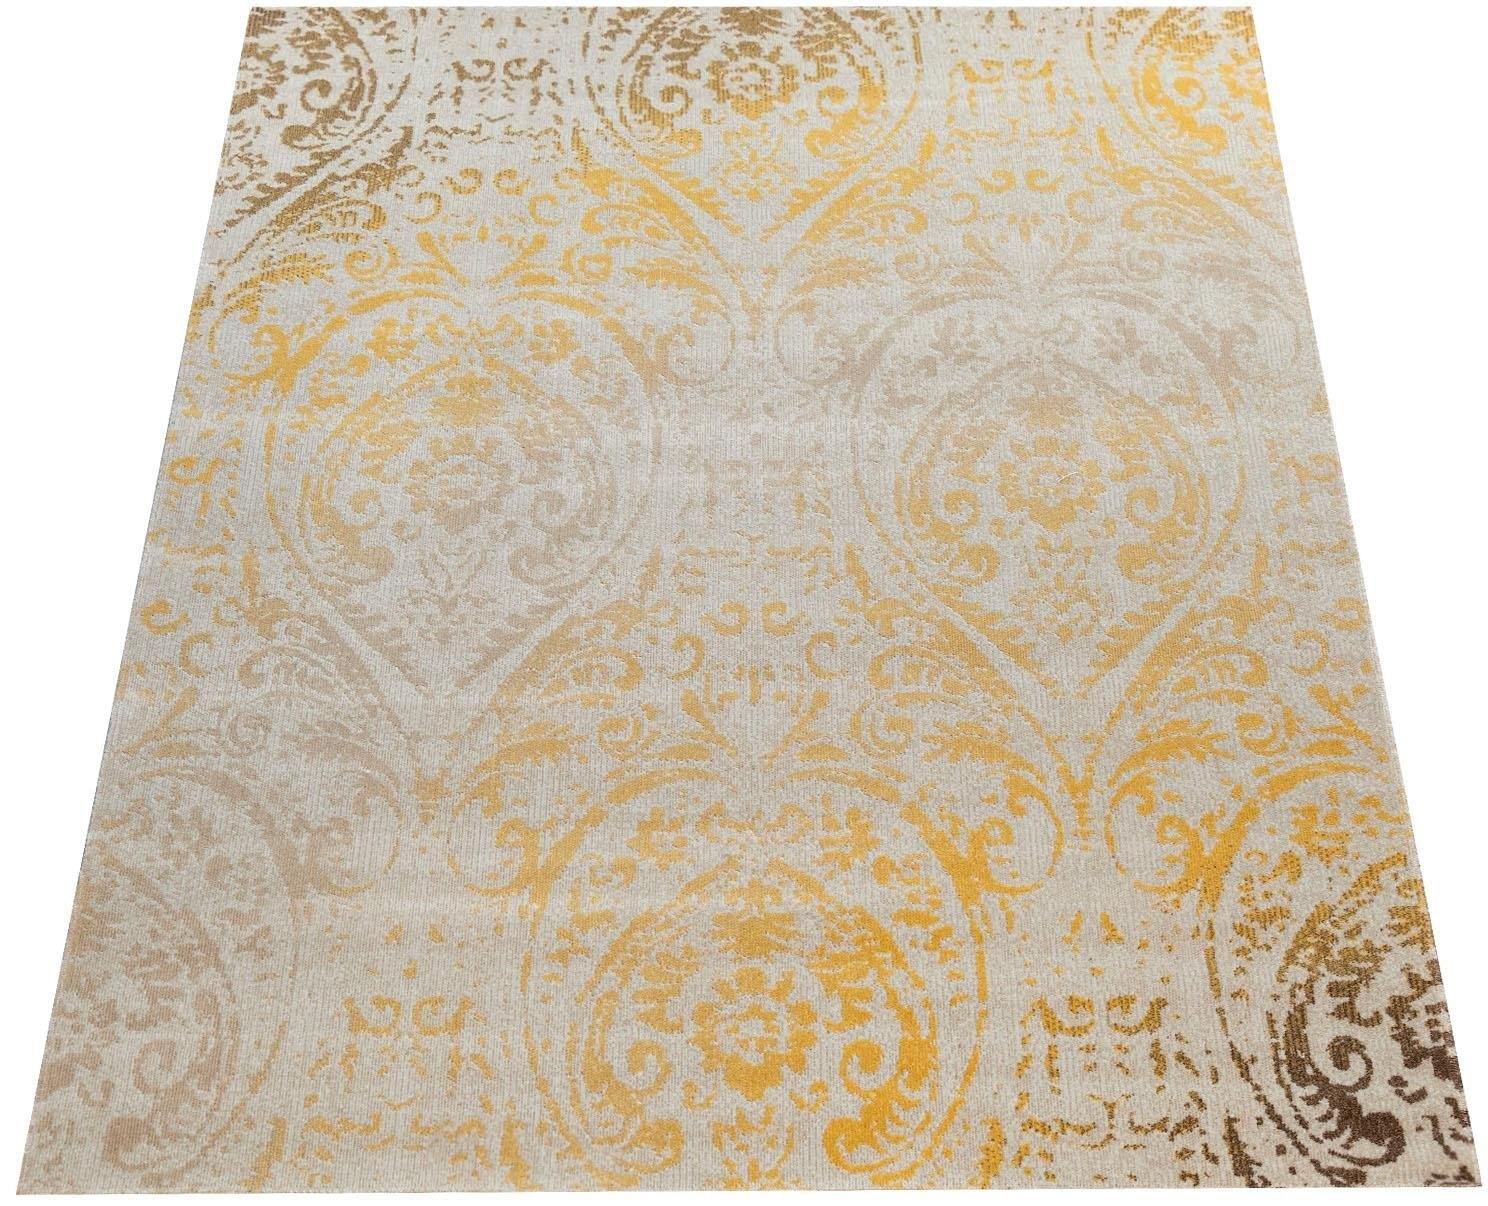 Paco Home vloerkleed Artigo 415 Ornamenten, vintage-design, geschikt voor binnen en buiten, woonkamer bij OTTO online kopen